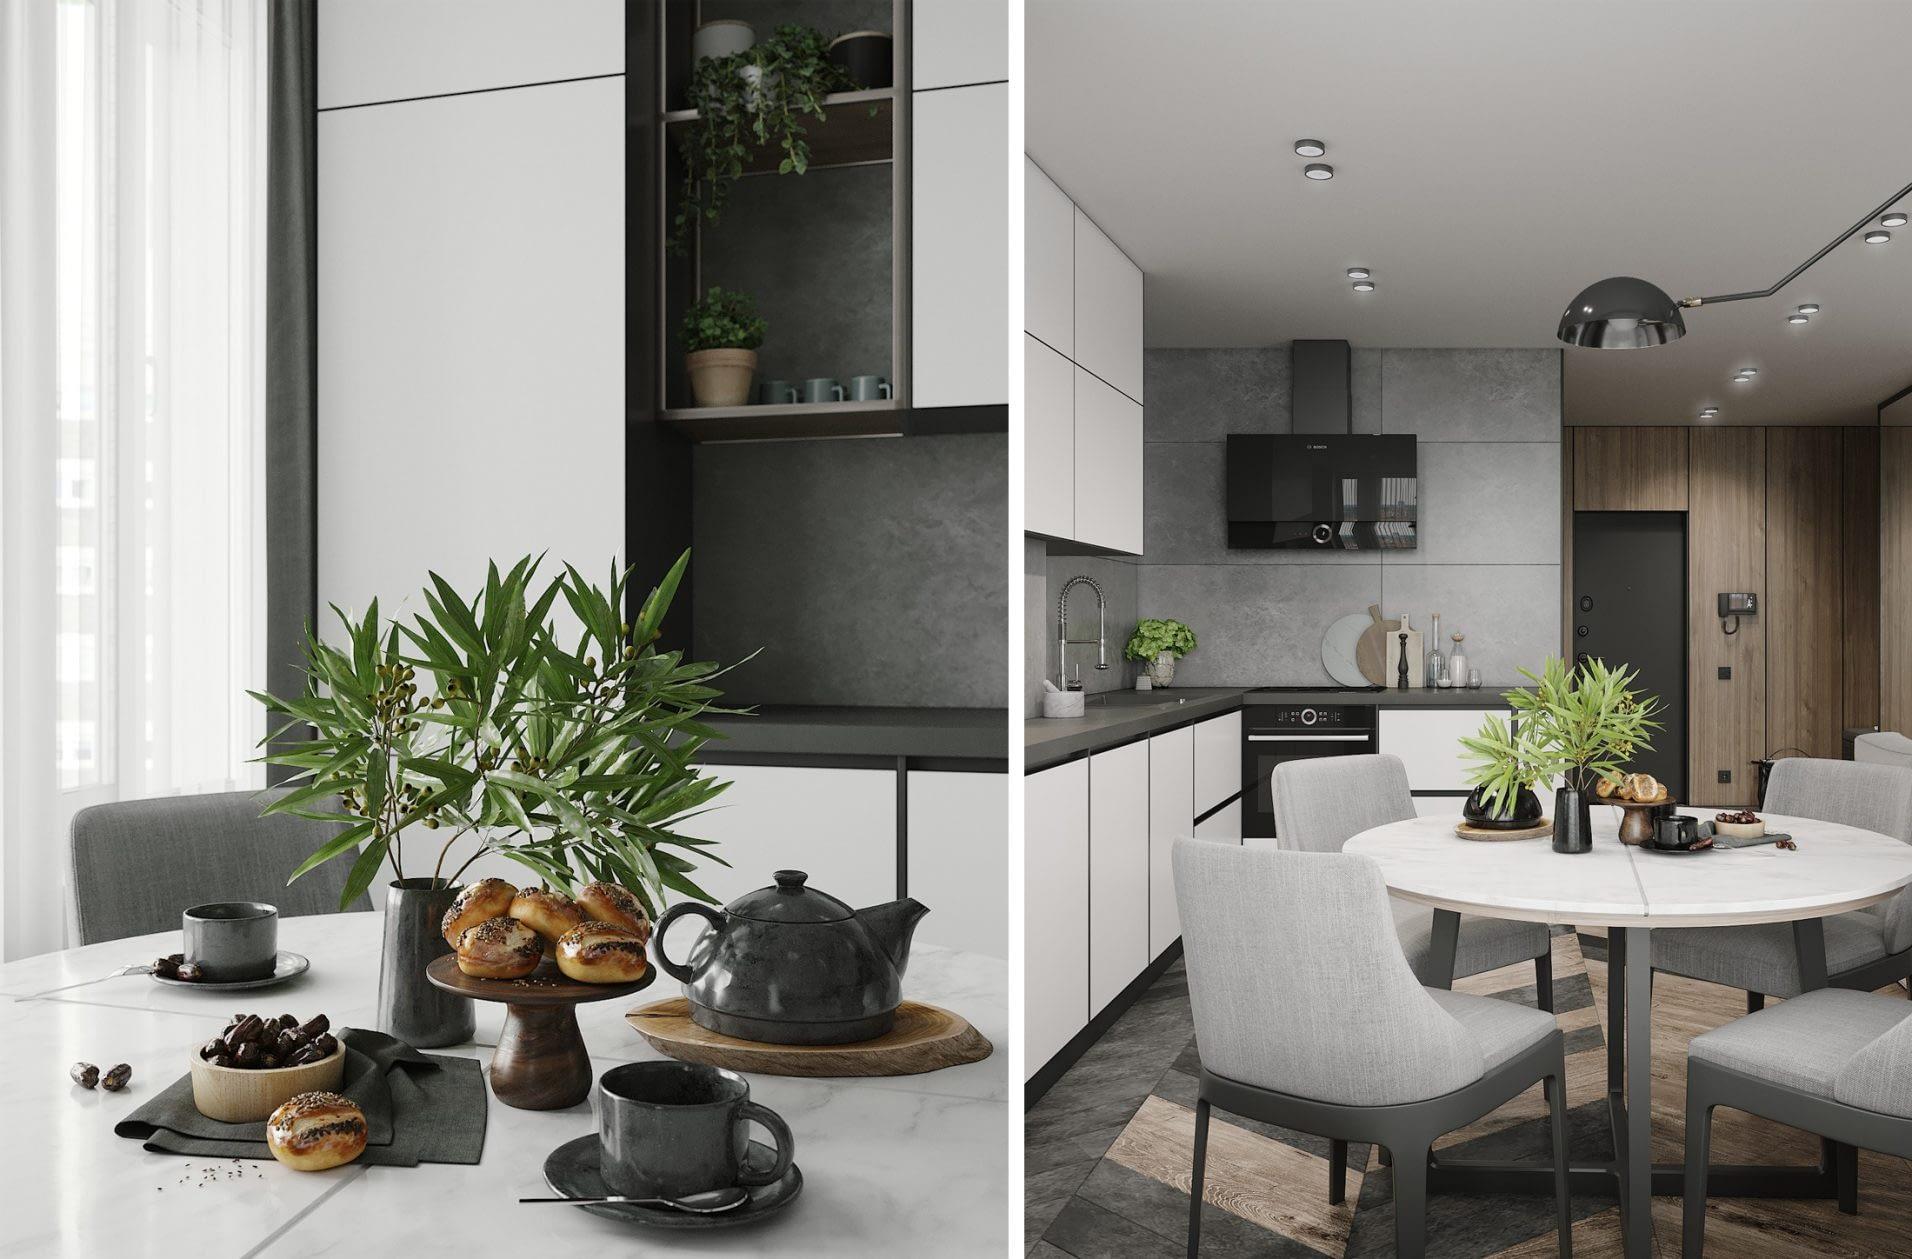 дизайн проект интерьера кухни квартиры в ЖК Парк Лэнд от Lavrov Design